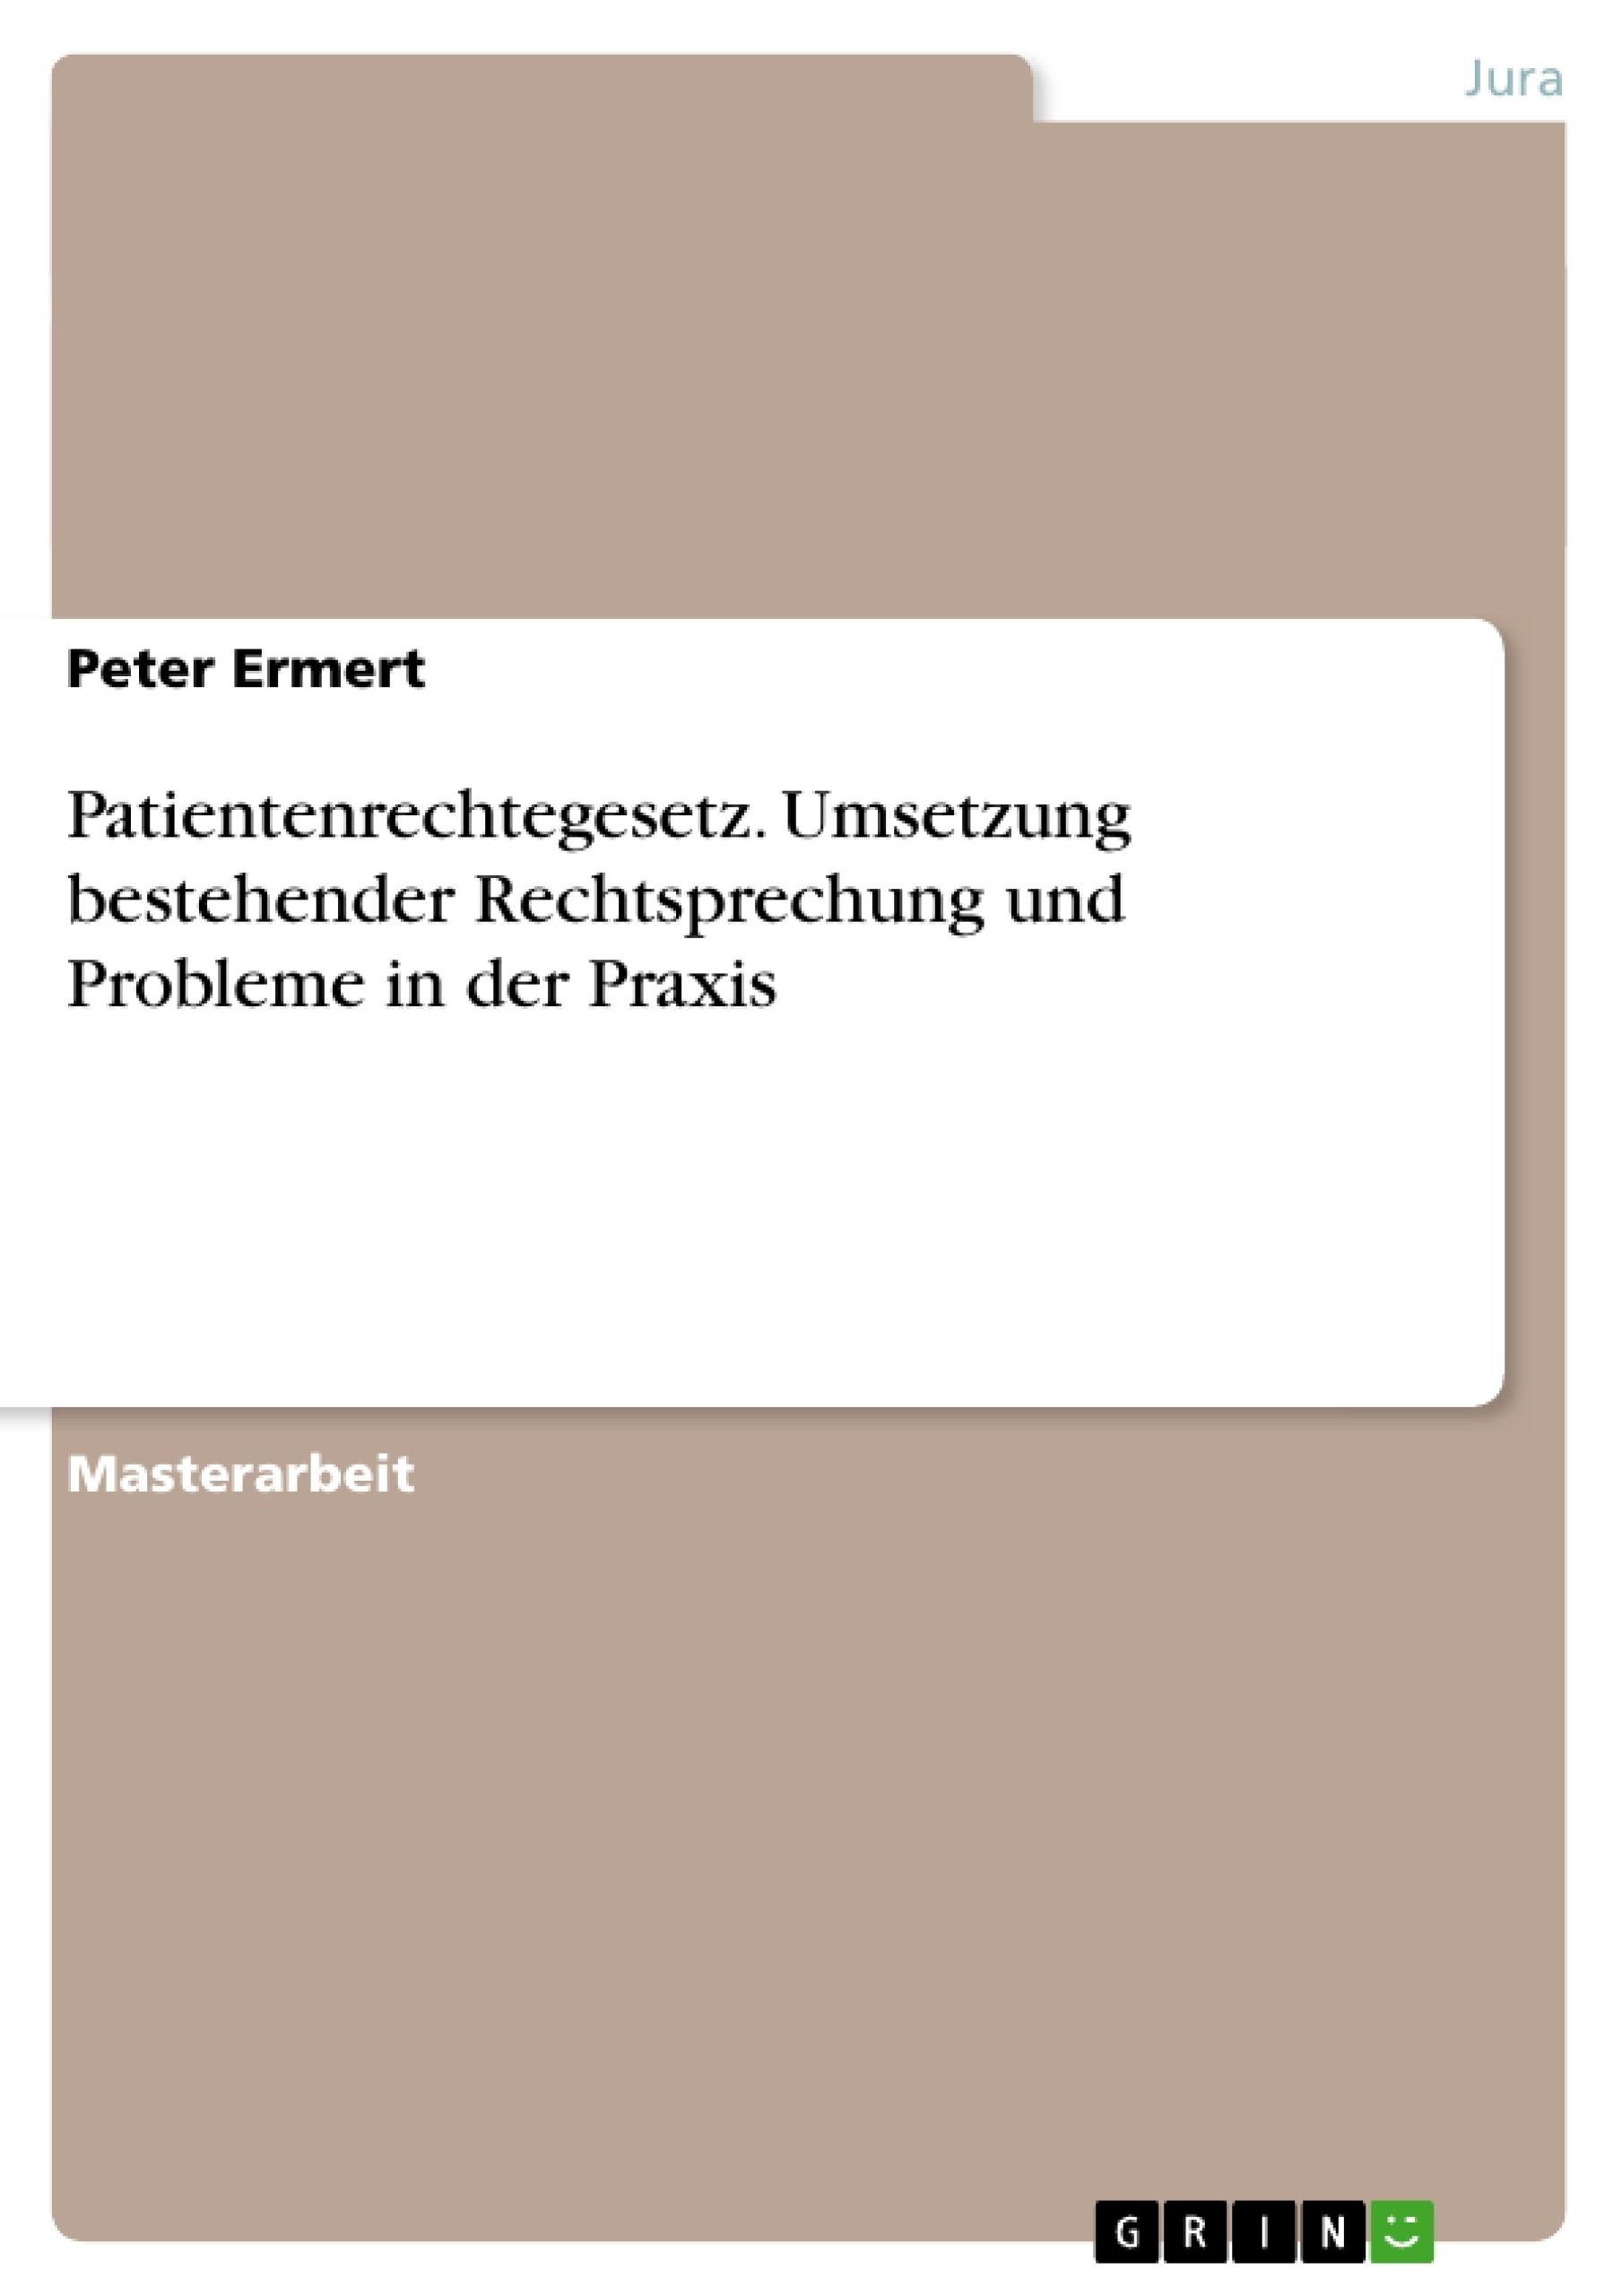 Titel: Patientenrechtegesetz. Umsetzung bestehender Rechtsprechung und Probleme in der Praxis